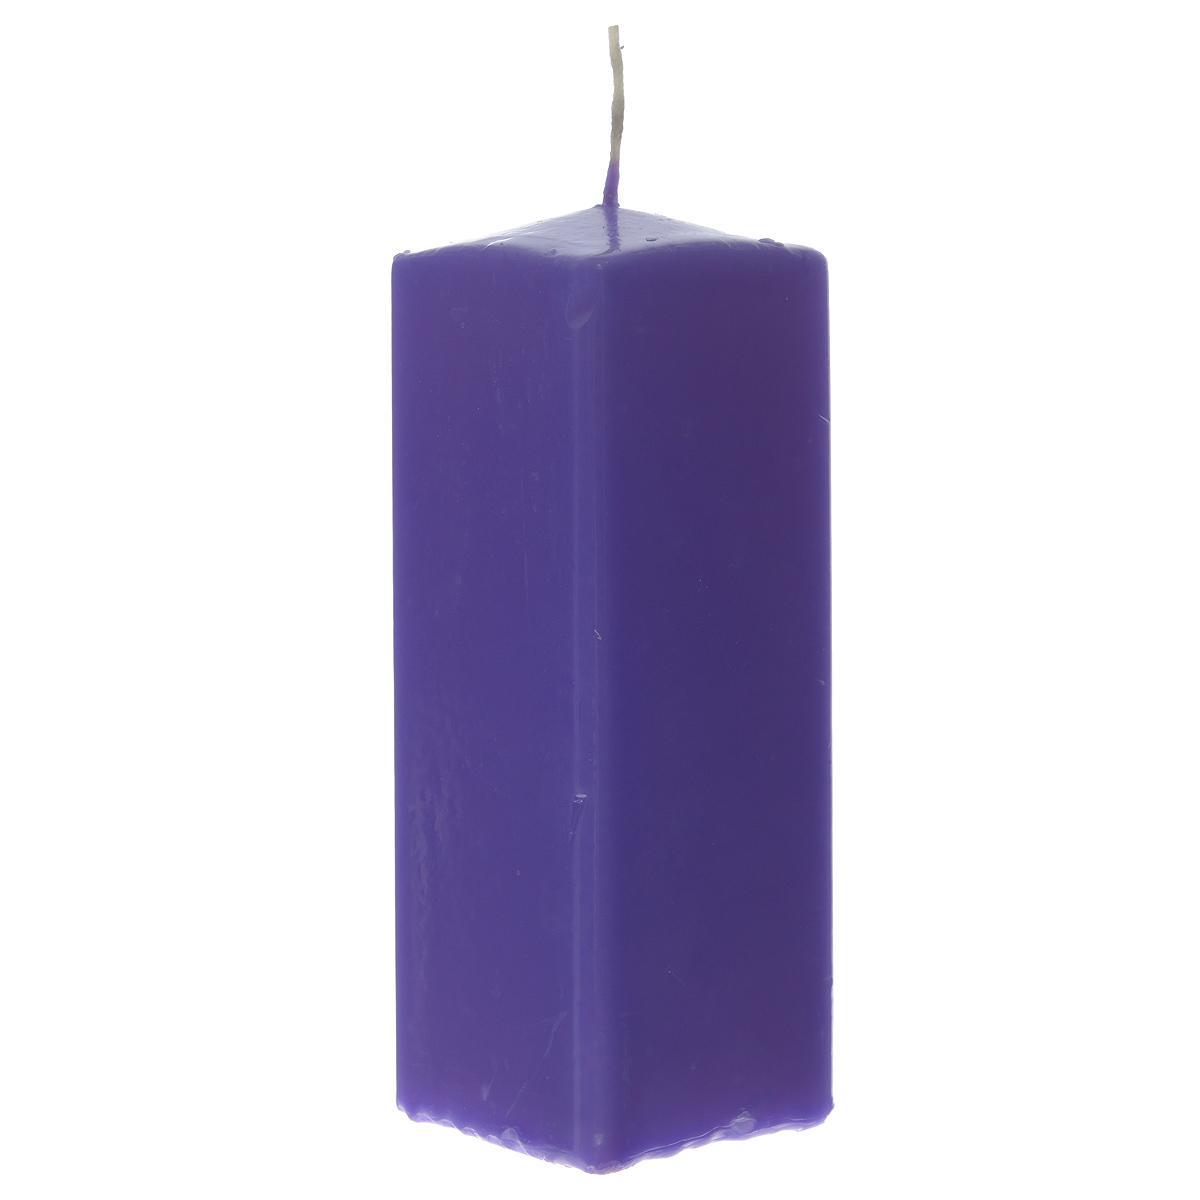 Свеча Sima-land Аромат огня, цвет: фиолетовый, высота 15 см. 843211843211Свеча Sima-land Аромат огня выполнена из парафина в классическом стиле.Изделие порадует вас ярким дизайном. Такую свечу можно поставить в любое местои она станет ярким украшением интерьера. Свеча Sima-land Аромат огня создаст незабываемую атмосферу,будь то торжество, романтический вечер или будничный день.